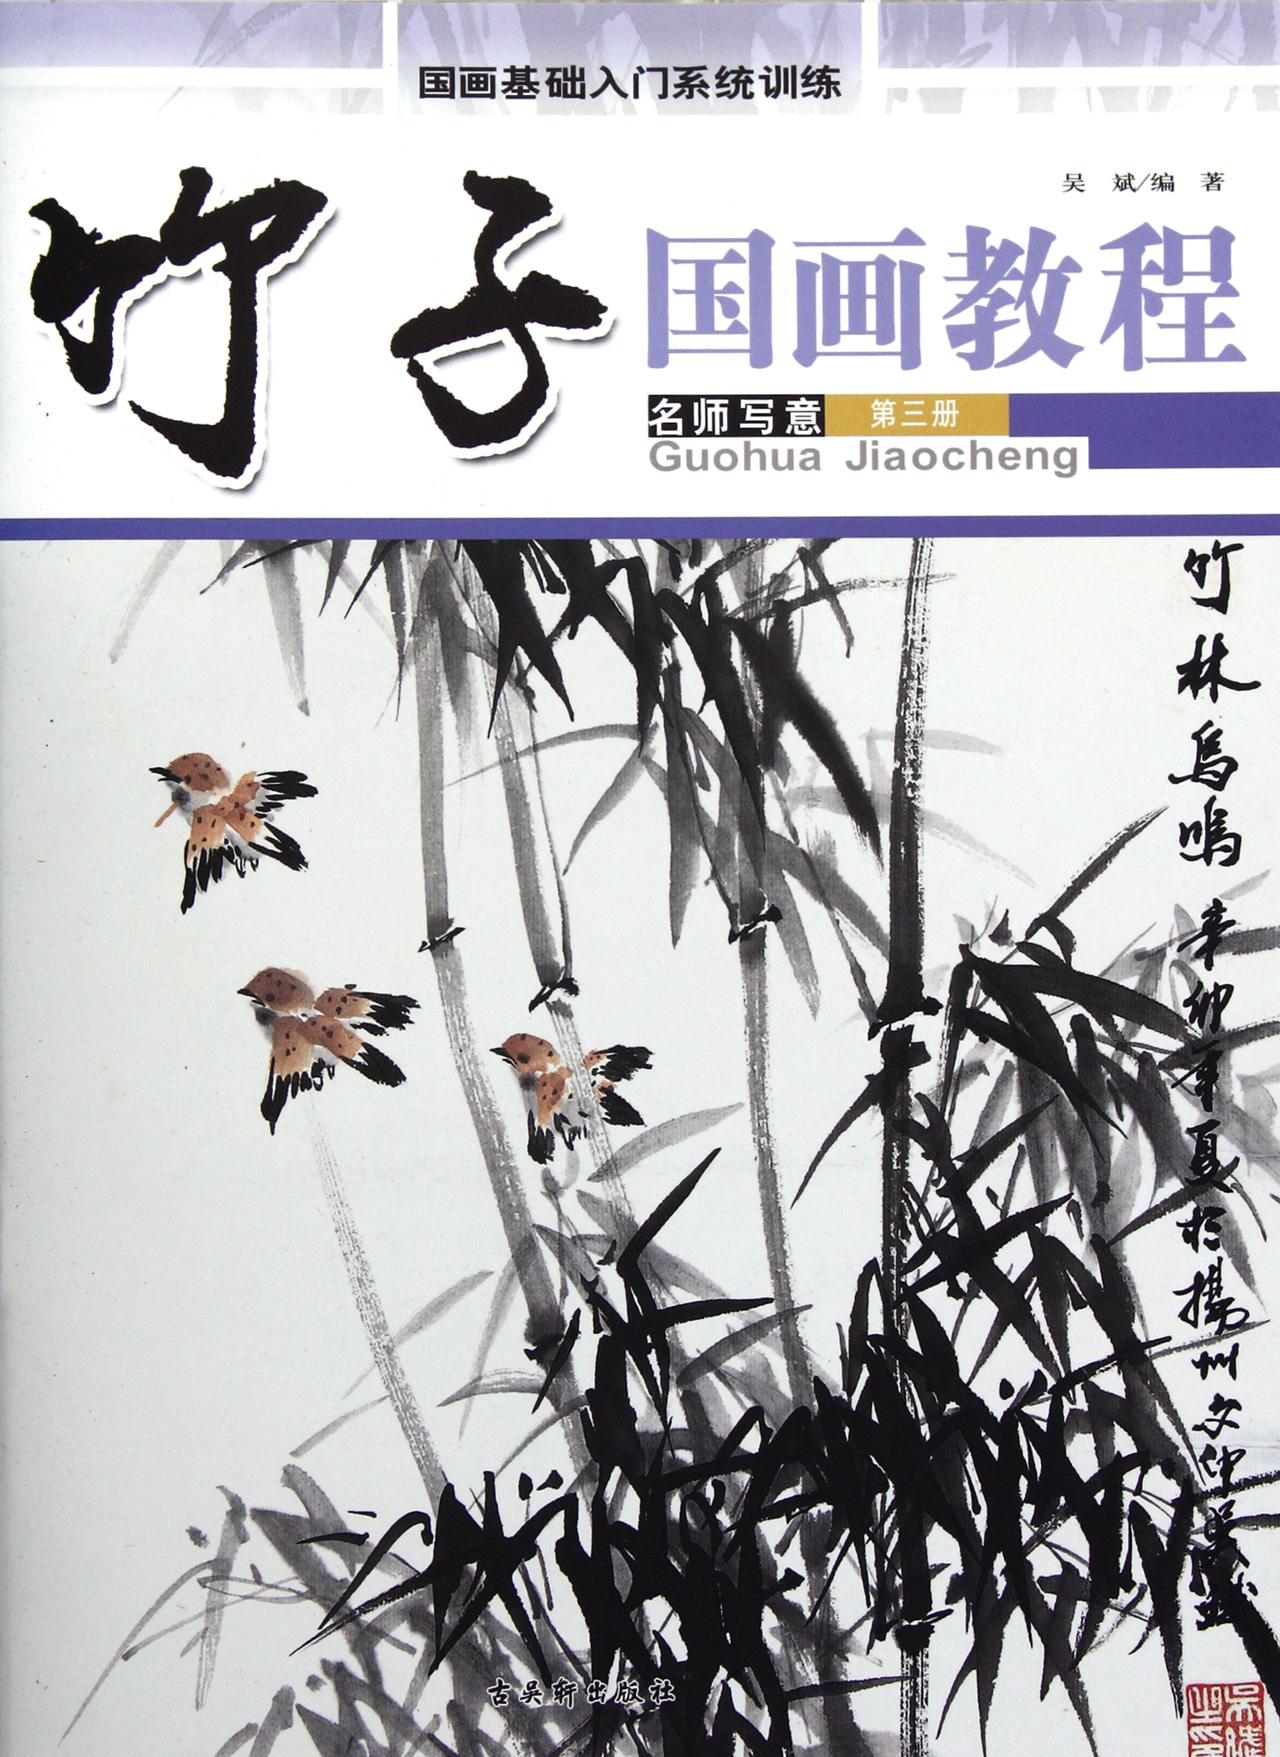 国画基础入门系统训练:国画教程·竹子; 竹子国画教程名师写意/国画基